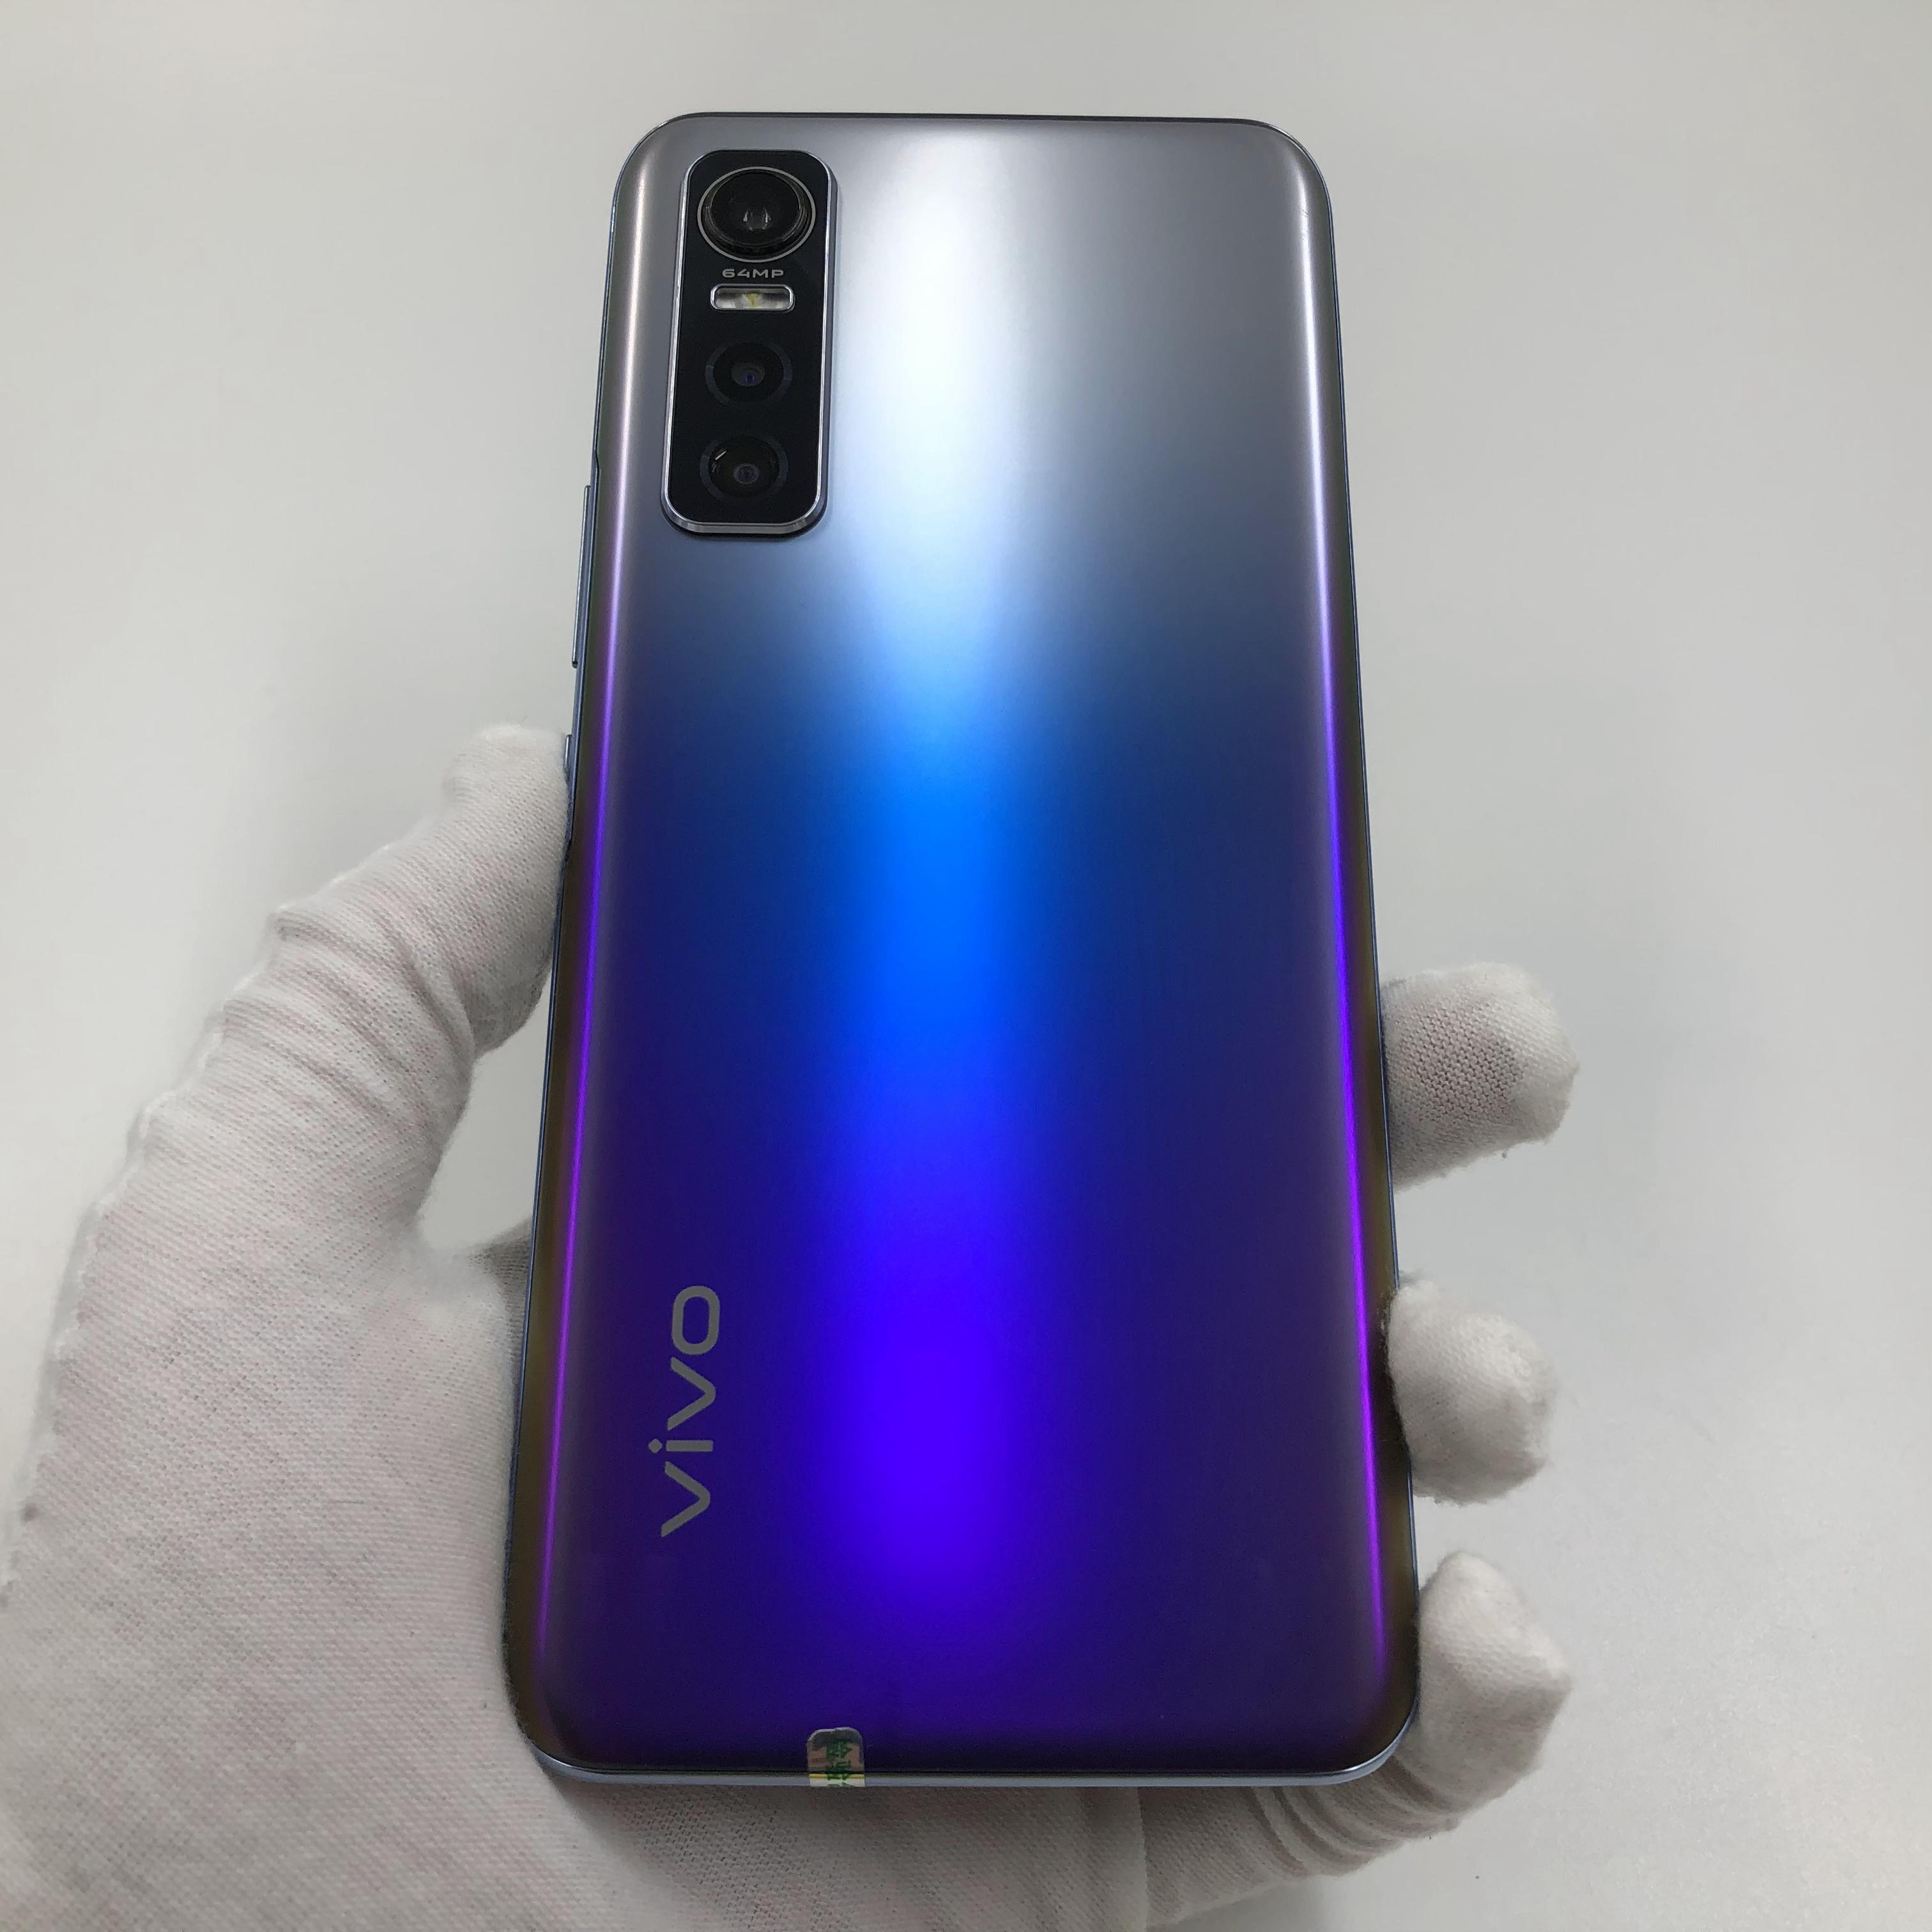 vivo【S7e 5G】5G全网通 幻砂星海 8G/128G 国行 9成新 真机实拍